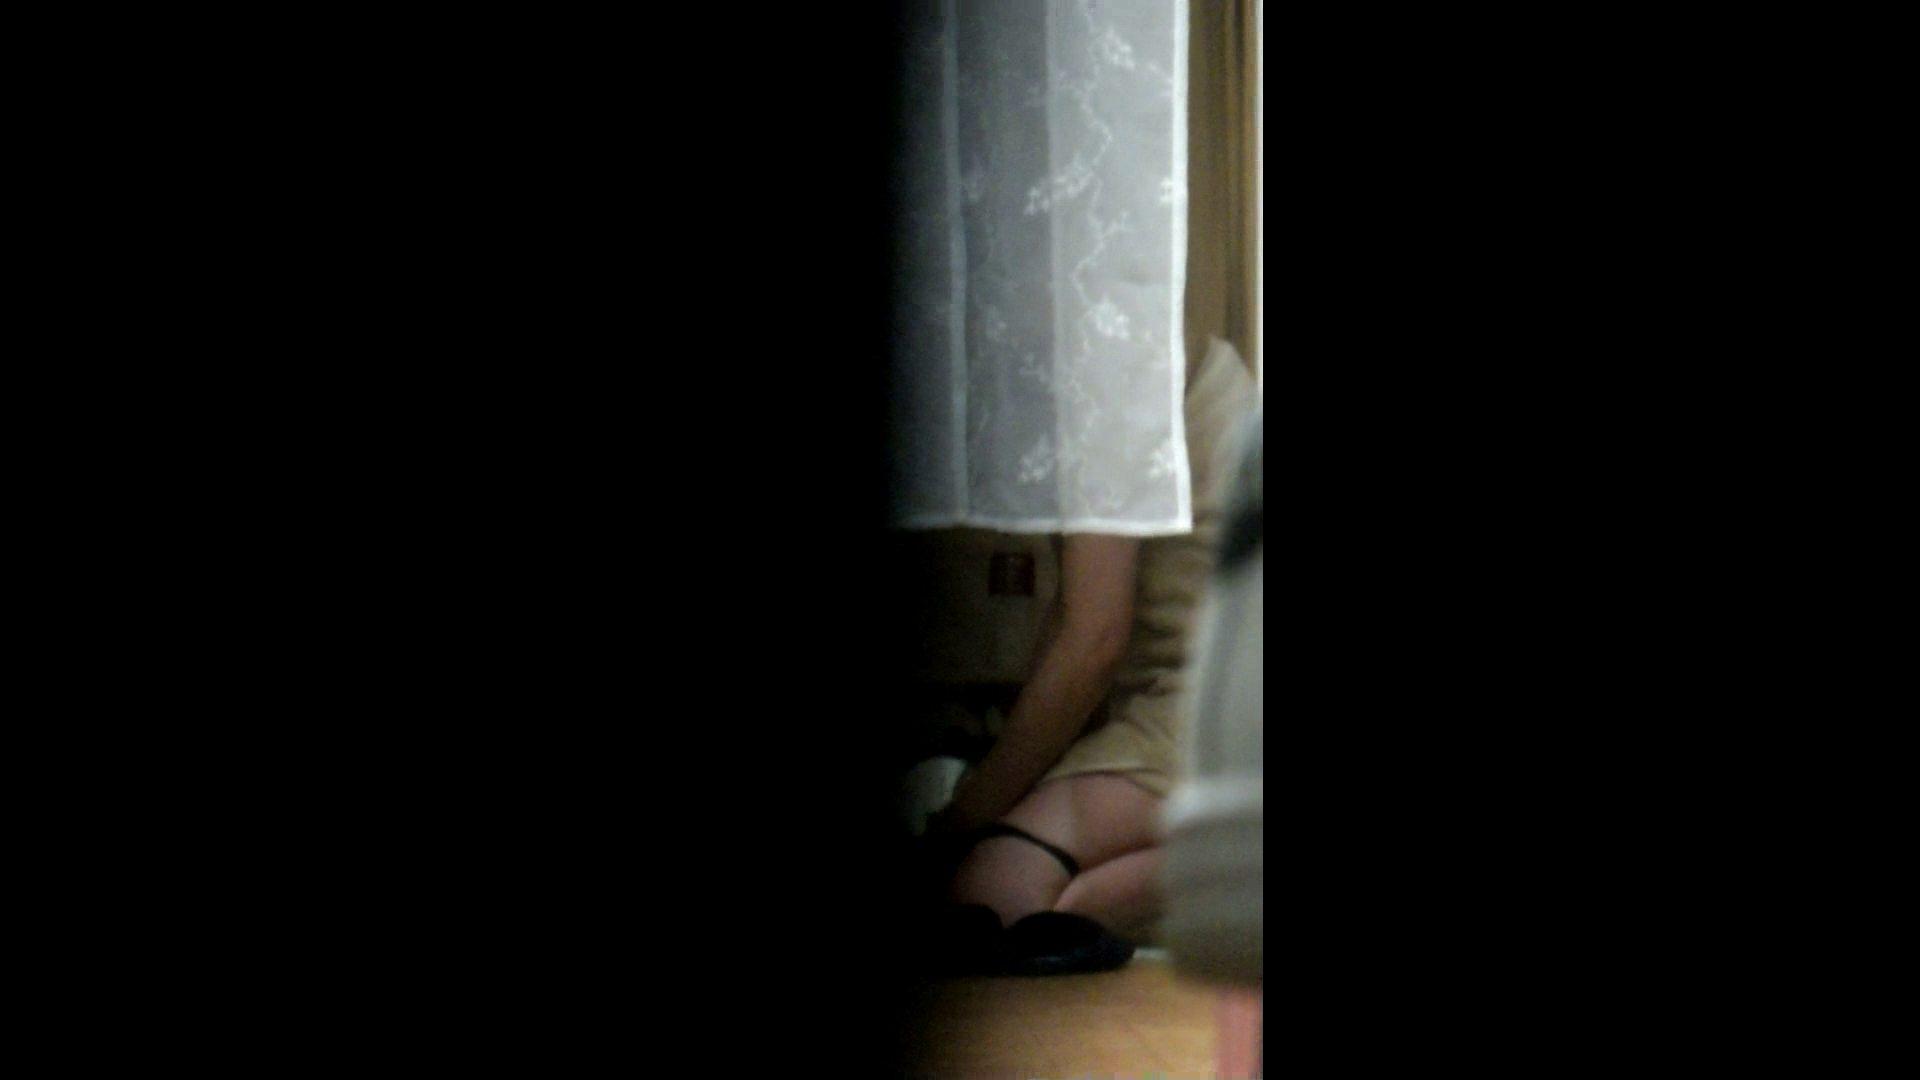 リアル盗撮 美人服飾専門学生の私生活 美女 おめこ無修正動画無料 88枚 17